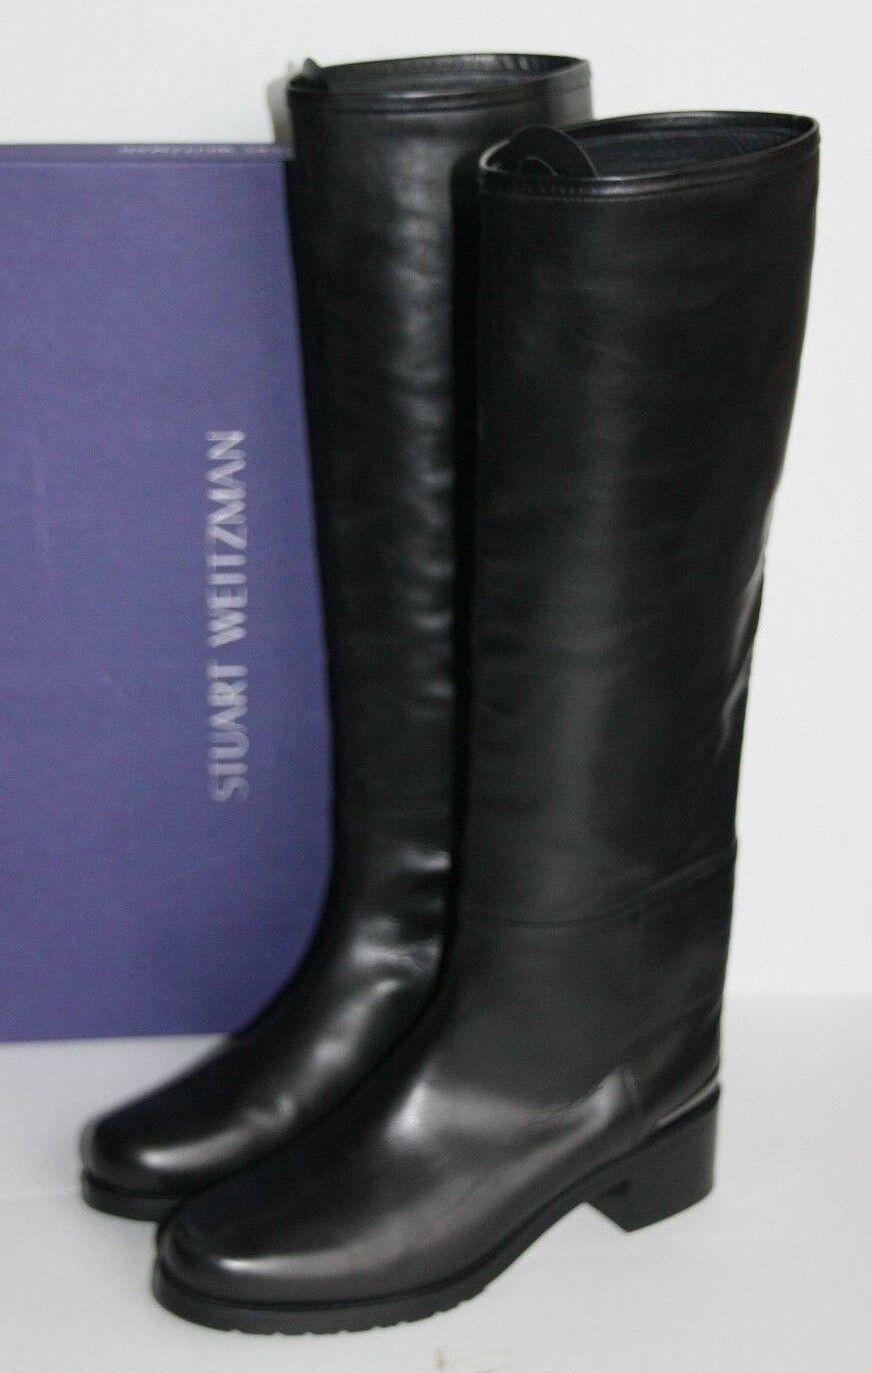 735 Nouveau Stuart Weitzman Cuir Noir Touring Bottes Bout Bout Bout Rond Bottes 38 8 358de9